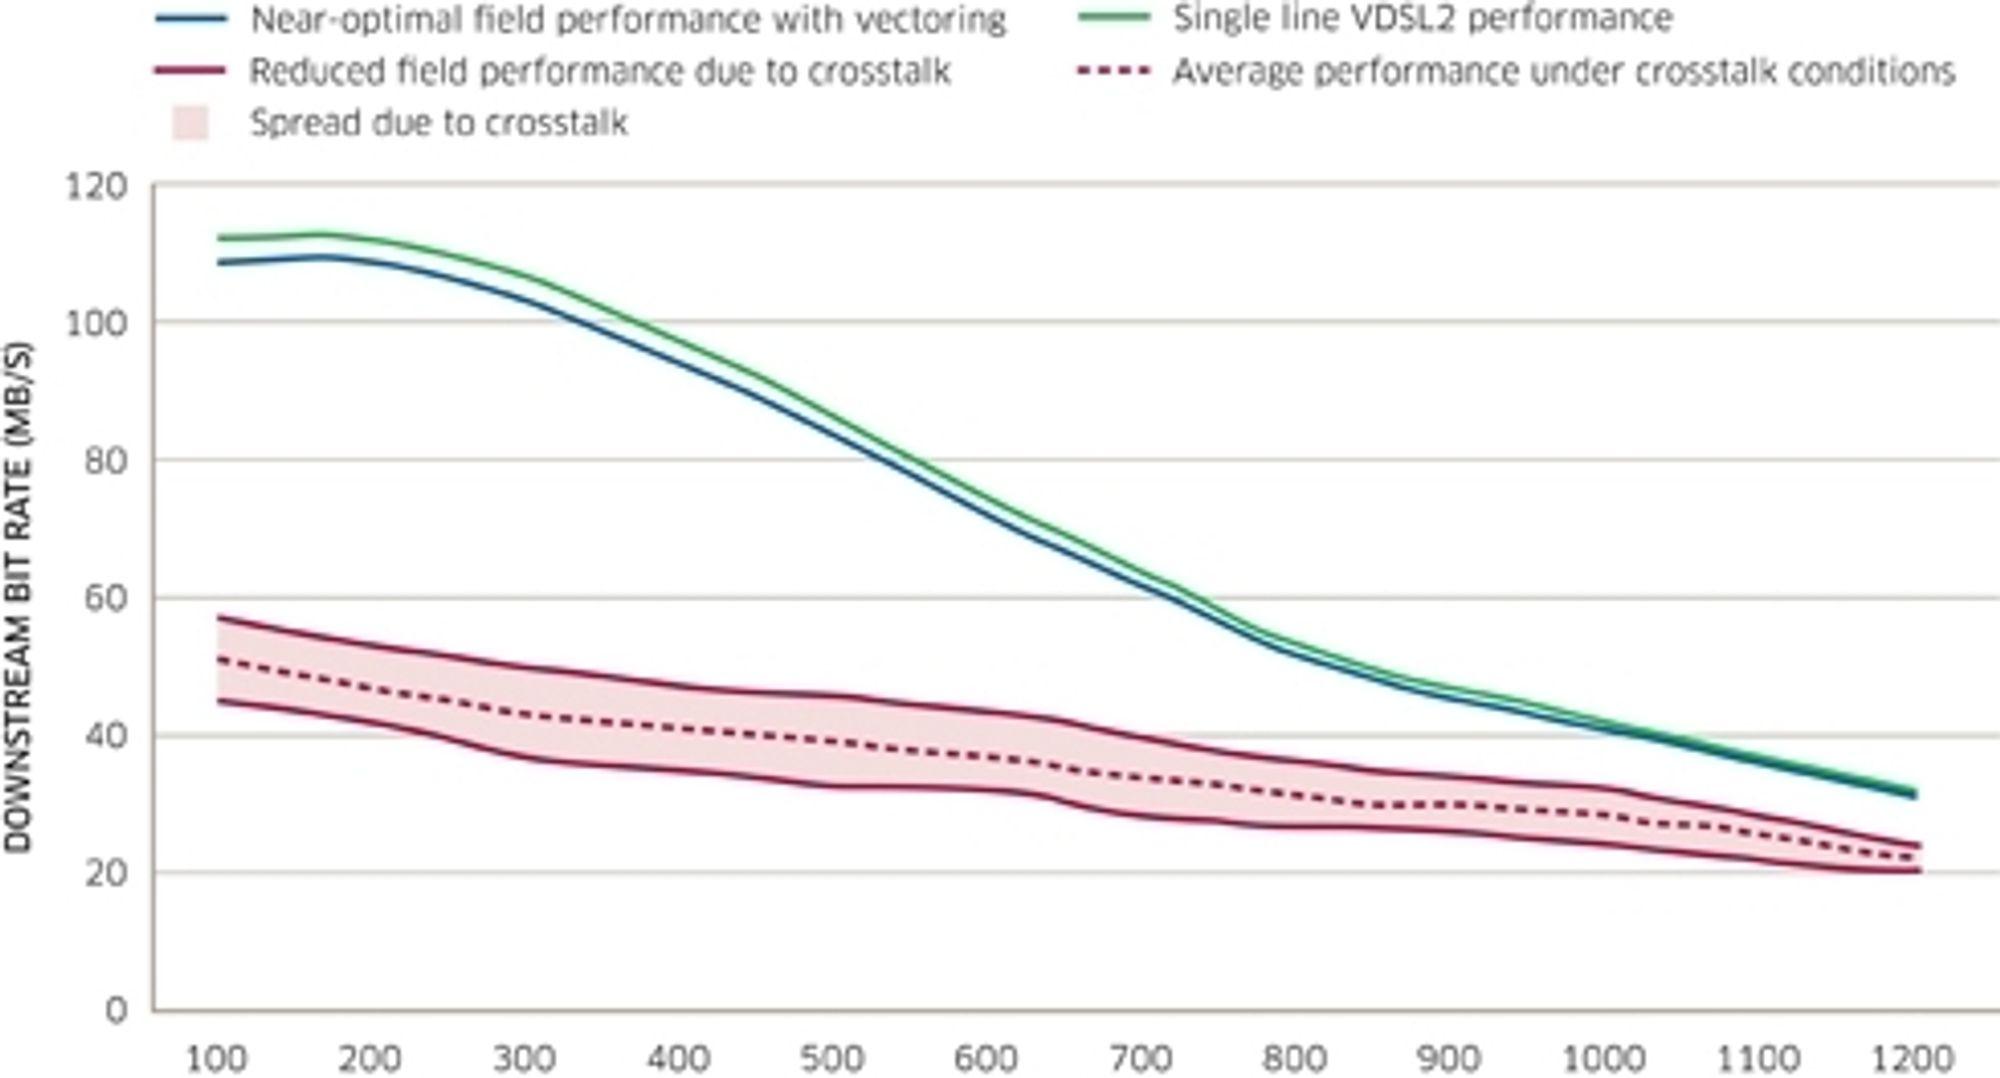 Vektorisering bidrar til bedre nedlastingshastighet både ved korte og lengre distanser.